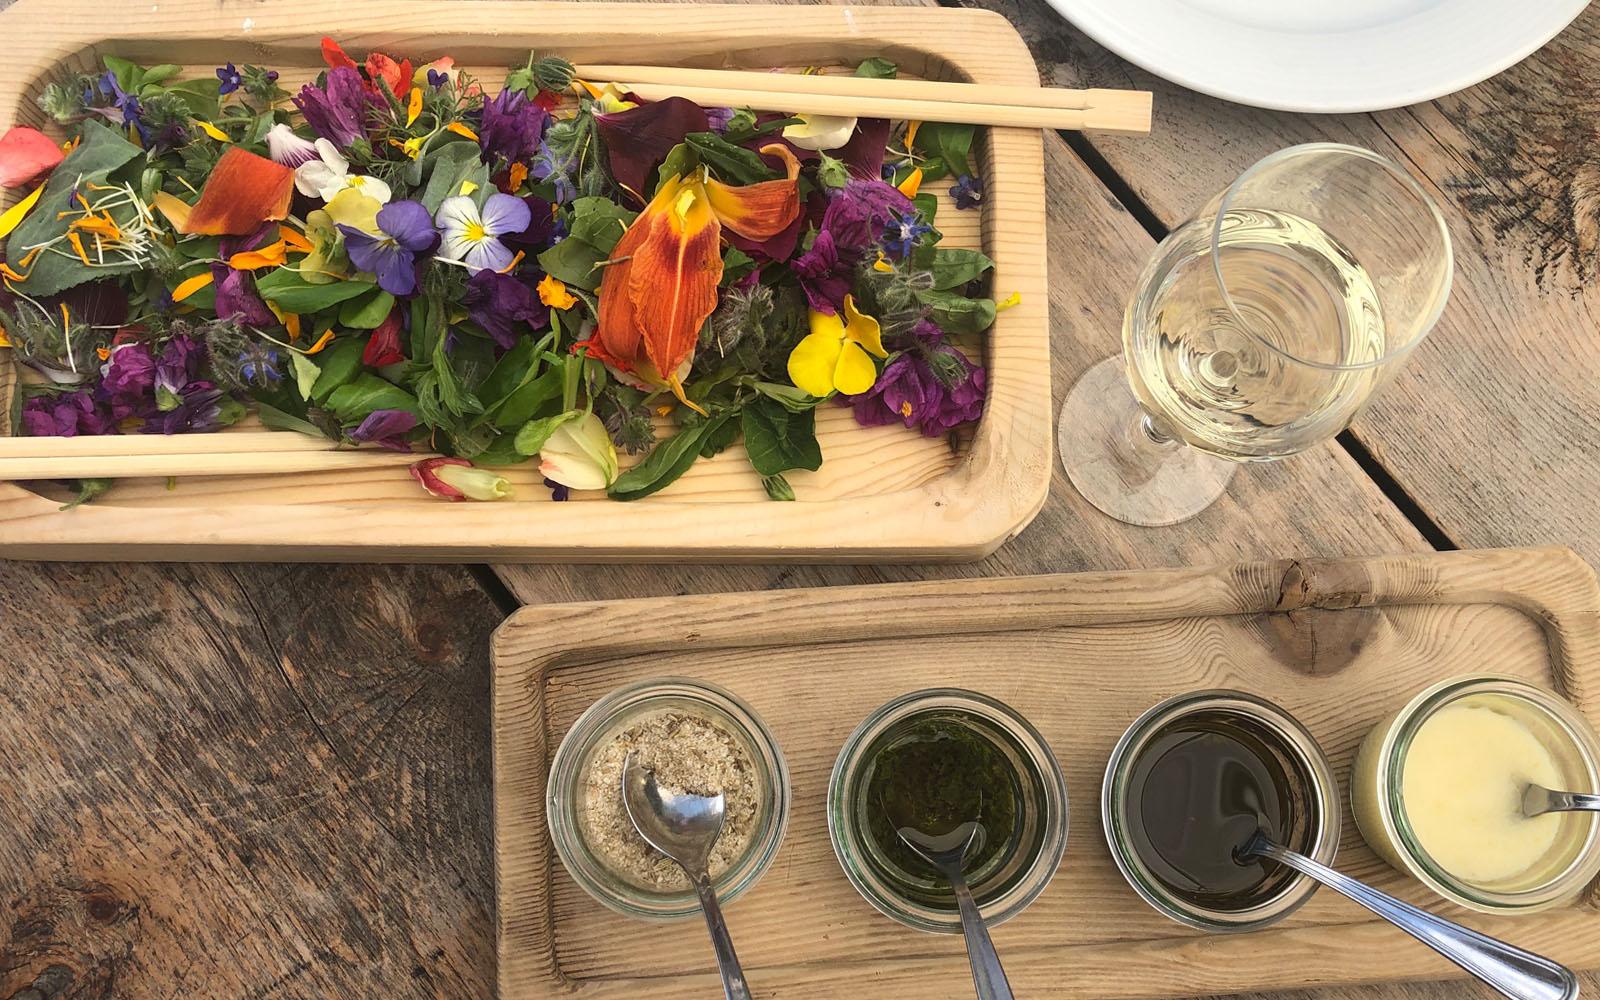 Il piatto 'Giardino d'Estate' della malga Gostner, all'Alpe di Siusi.